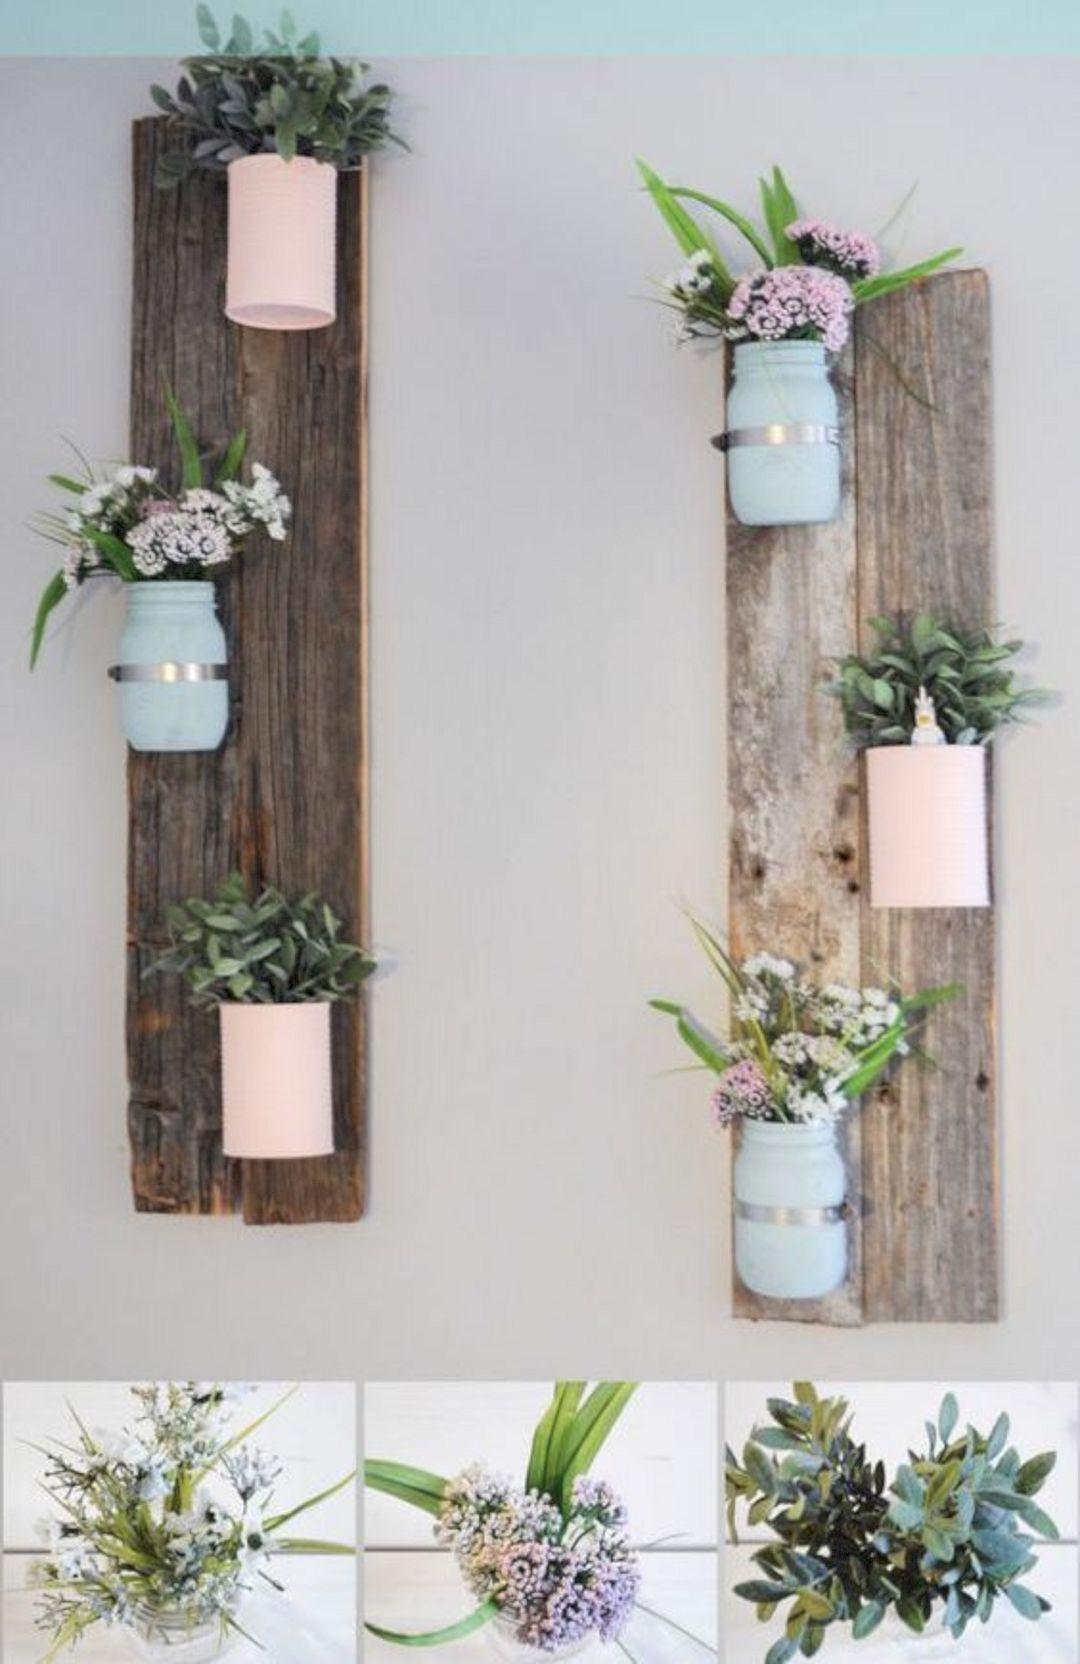 18 Home Decor Ideas With Mason Jars Brilliant Diy Ideas Cheap